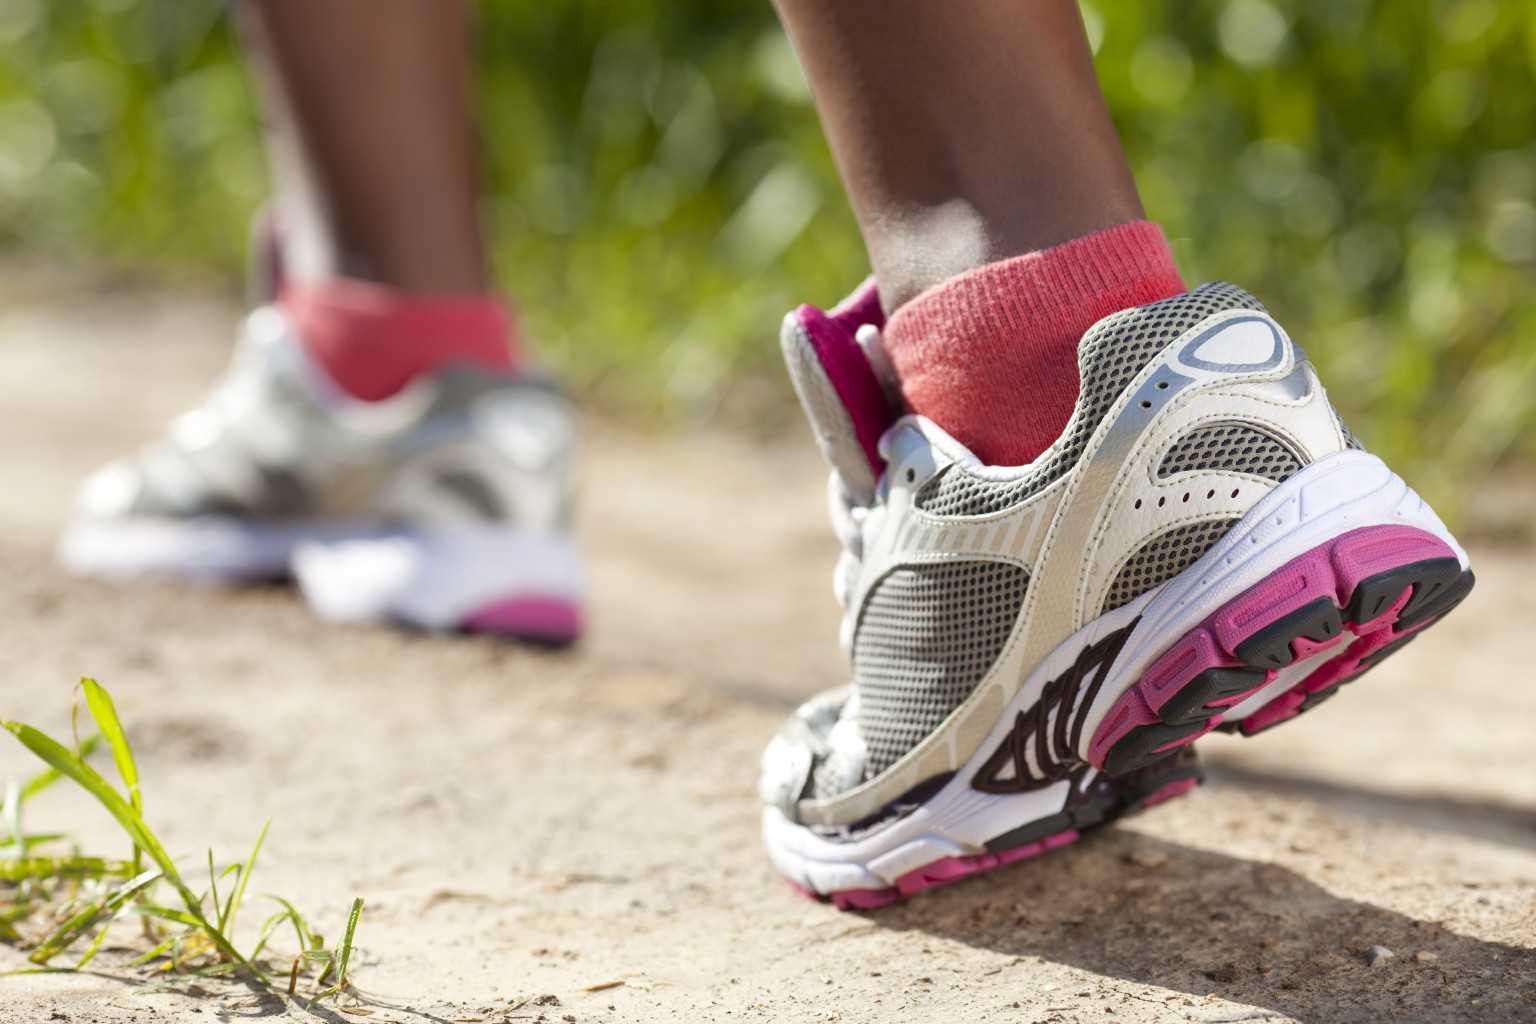 Как выбрать кроссовки: для повседневной носки и ходьбы, какие самые удобные для бега, женские и мужские модели